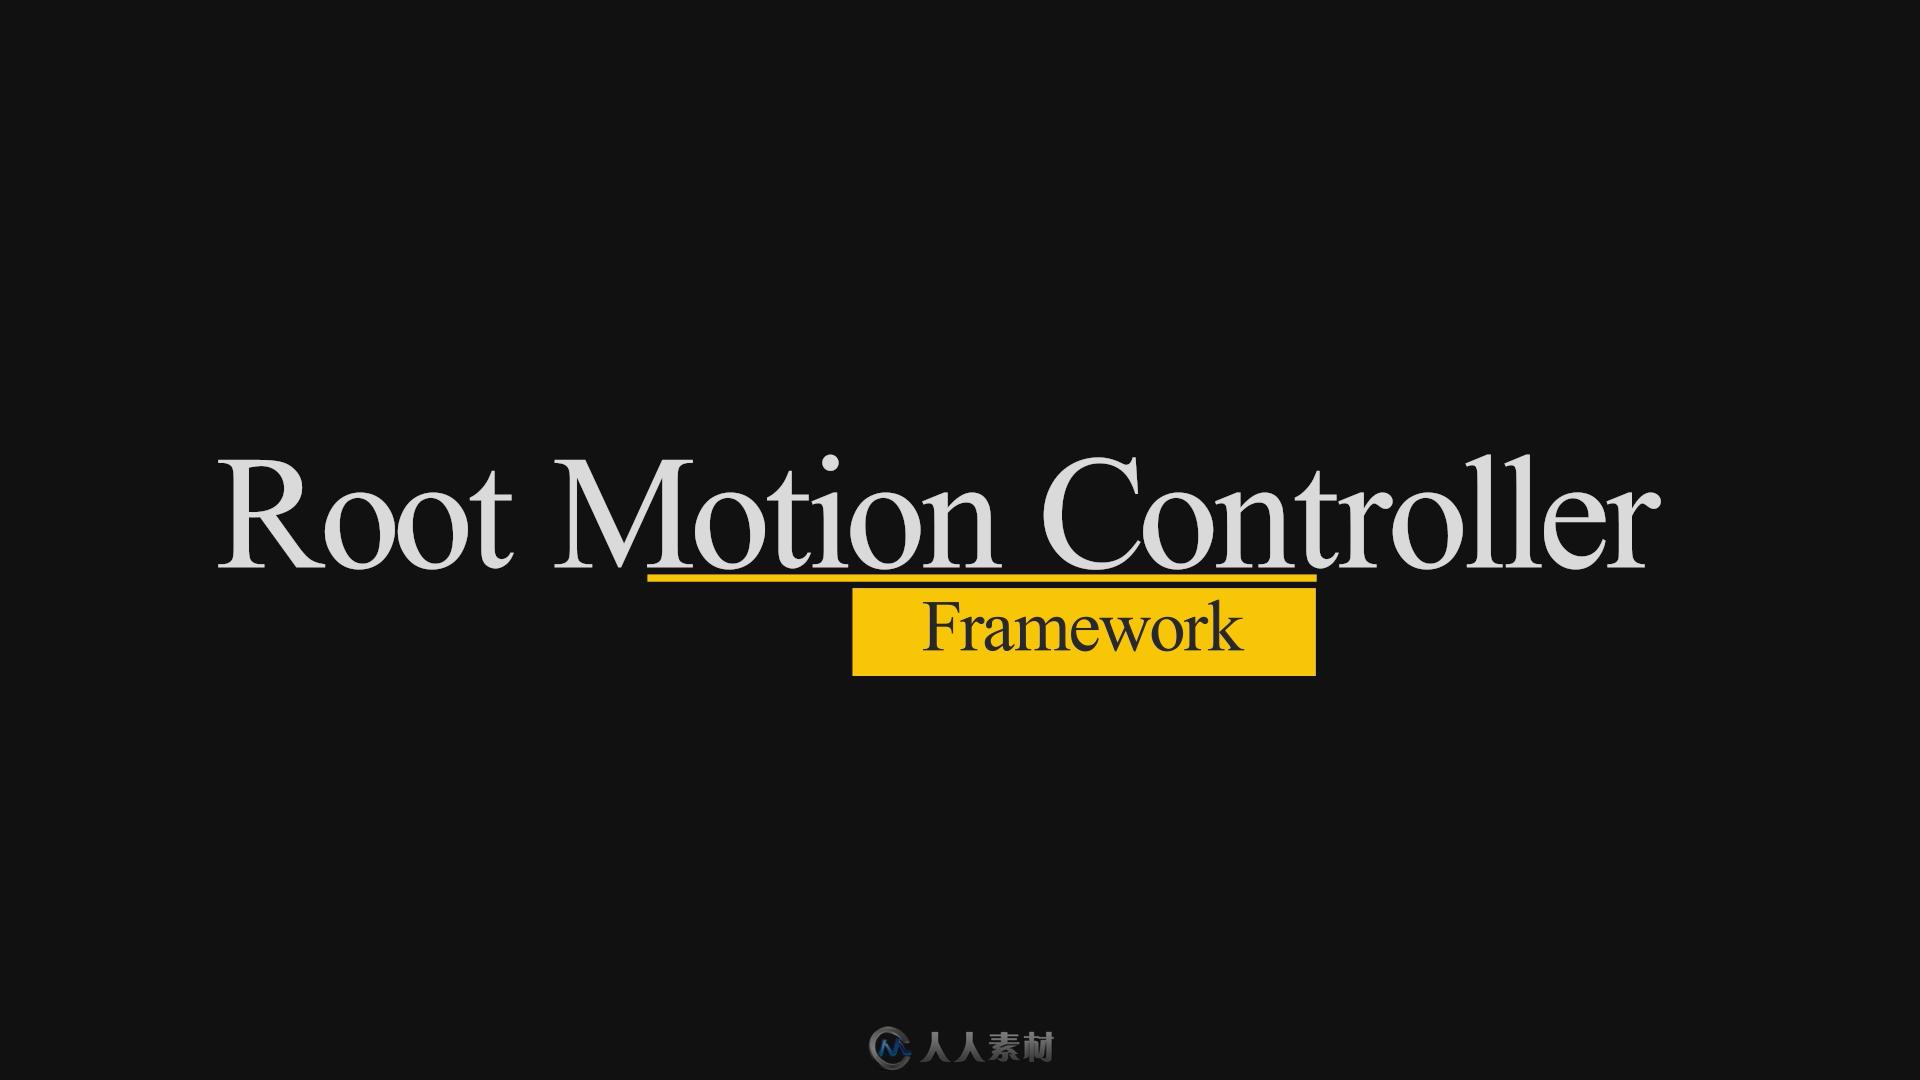 运动控制器框架UE4游戏素材资源